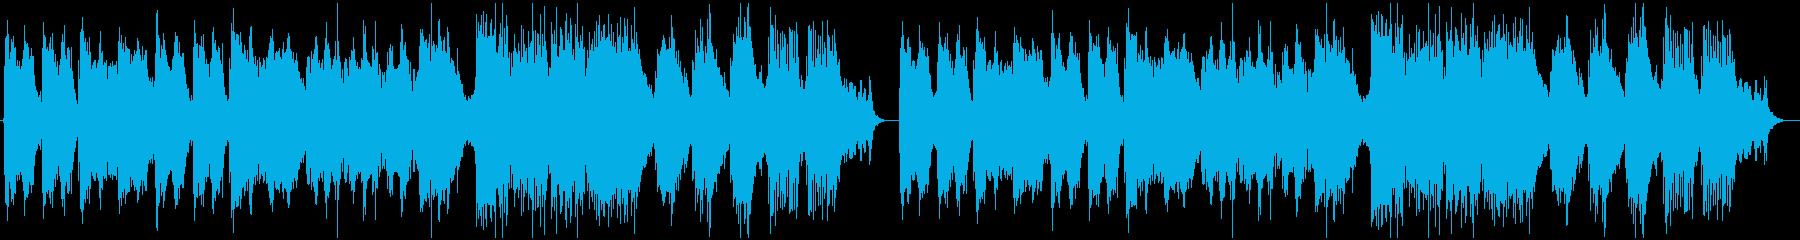 静かな和風ヒーリングの再生済みの波形